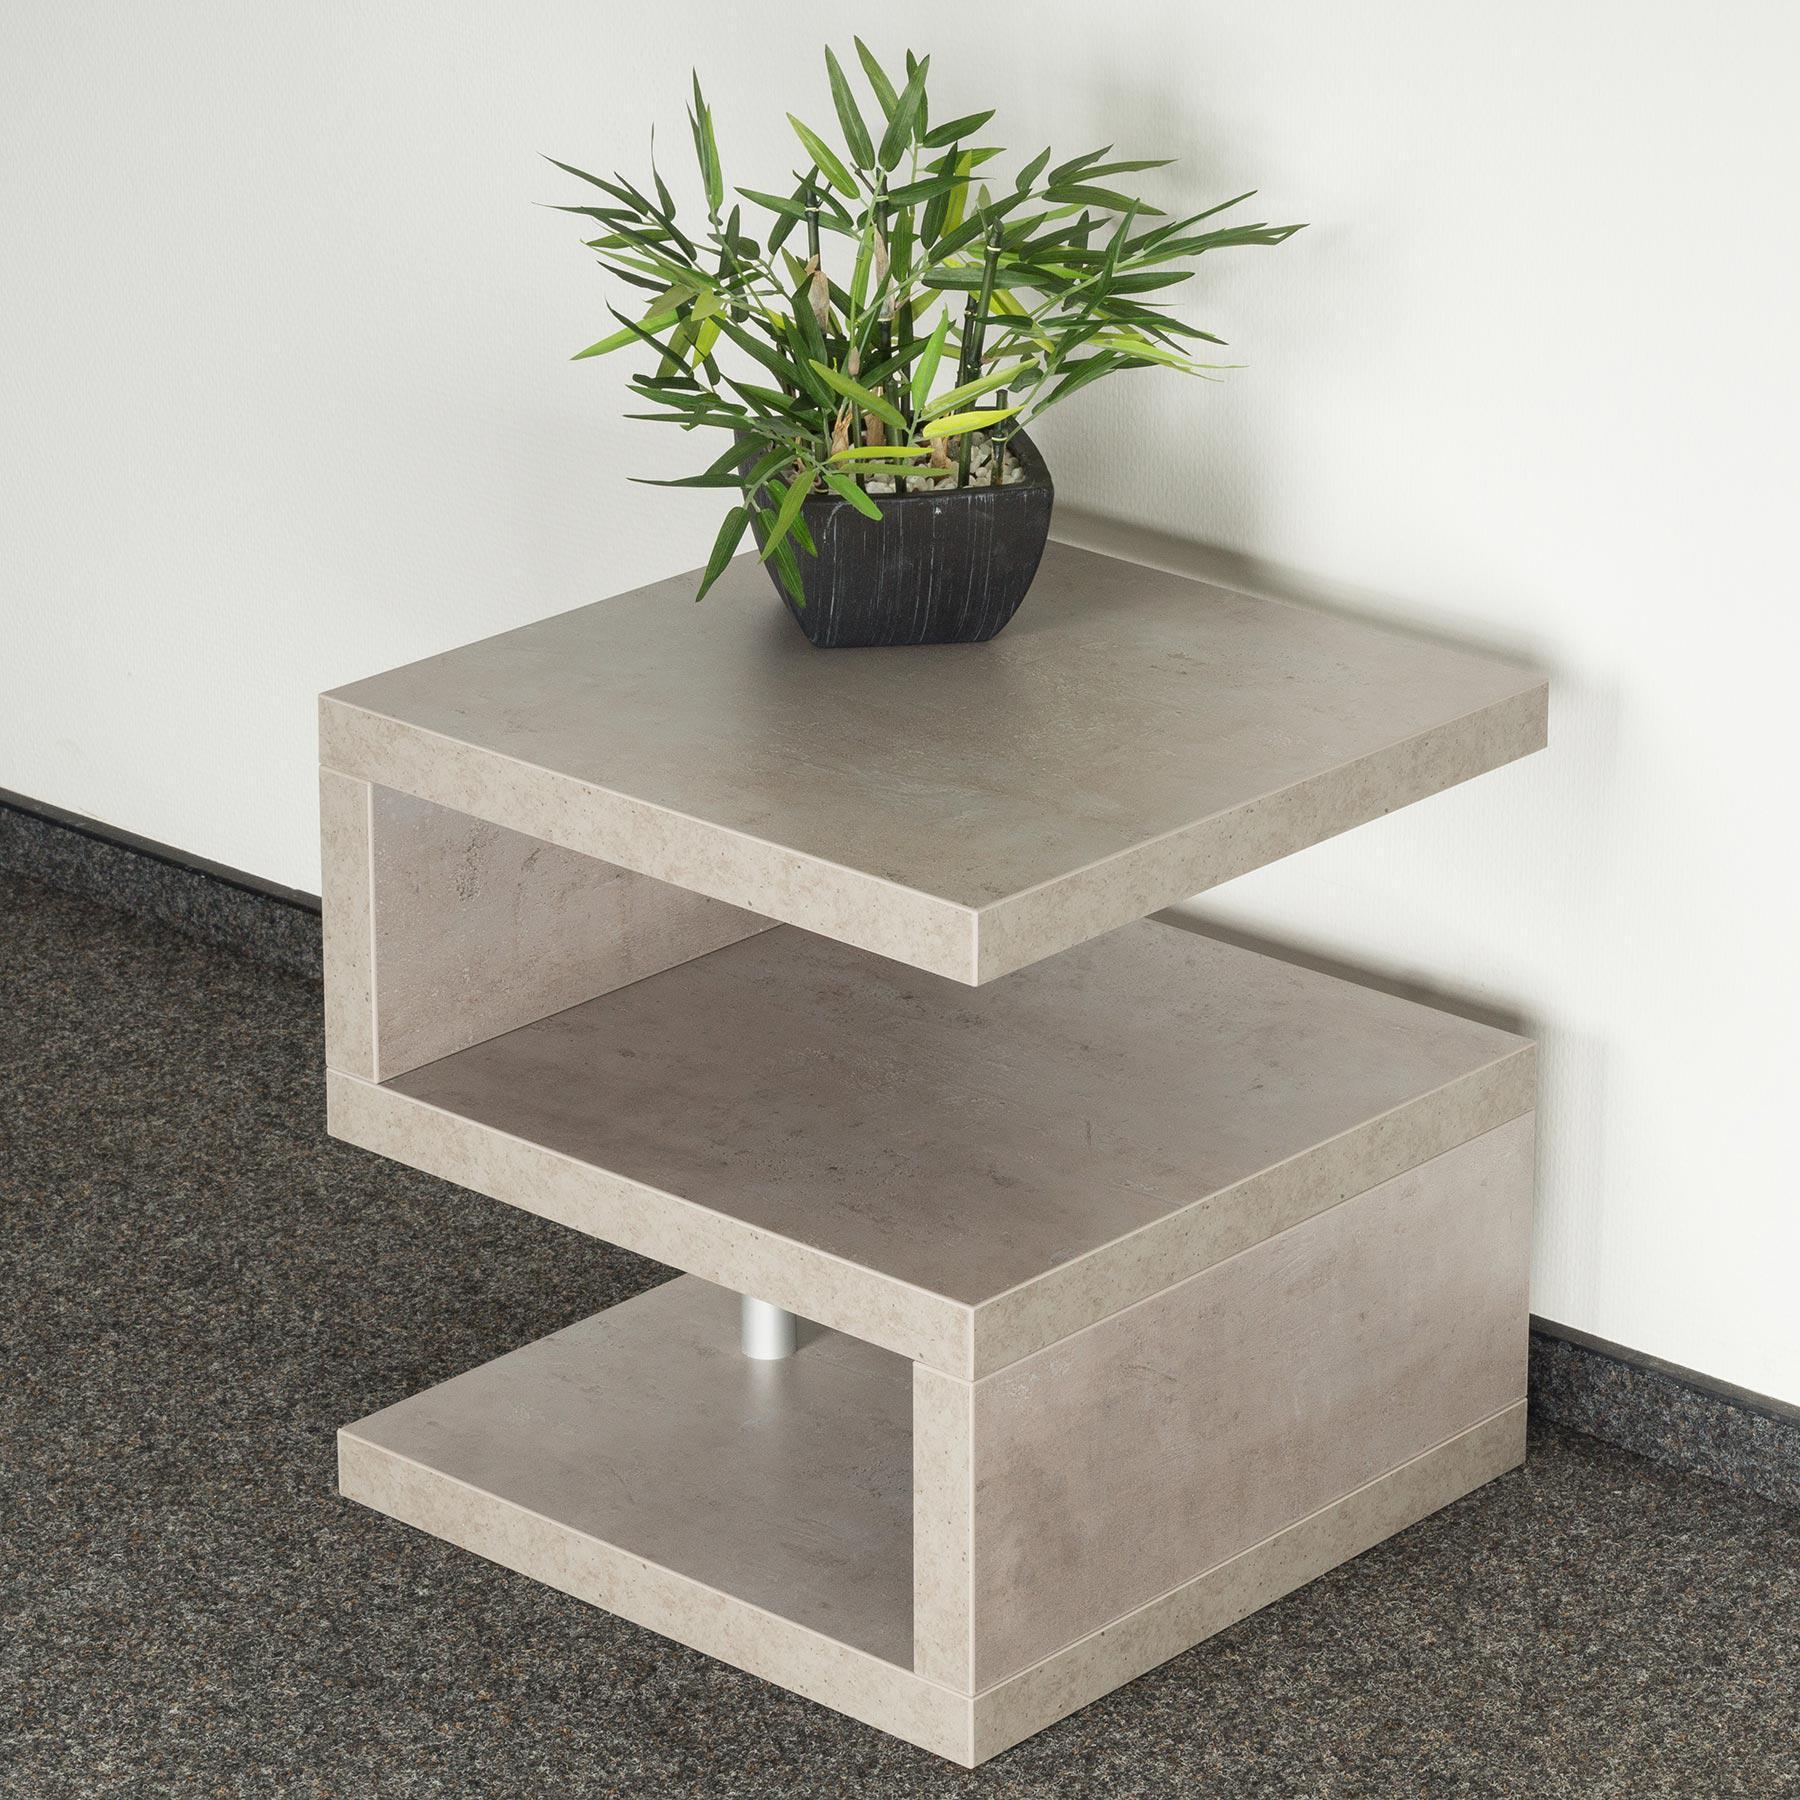 couchtisch sigi 44x44x44cm betonoptik grau beistelltisch ablage tisch kaufen bei living by design. Black Bedroom Furniture Sets. Home Design Ideas